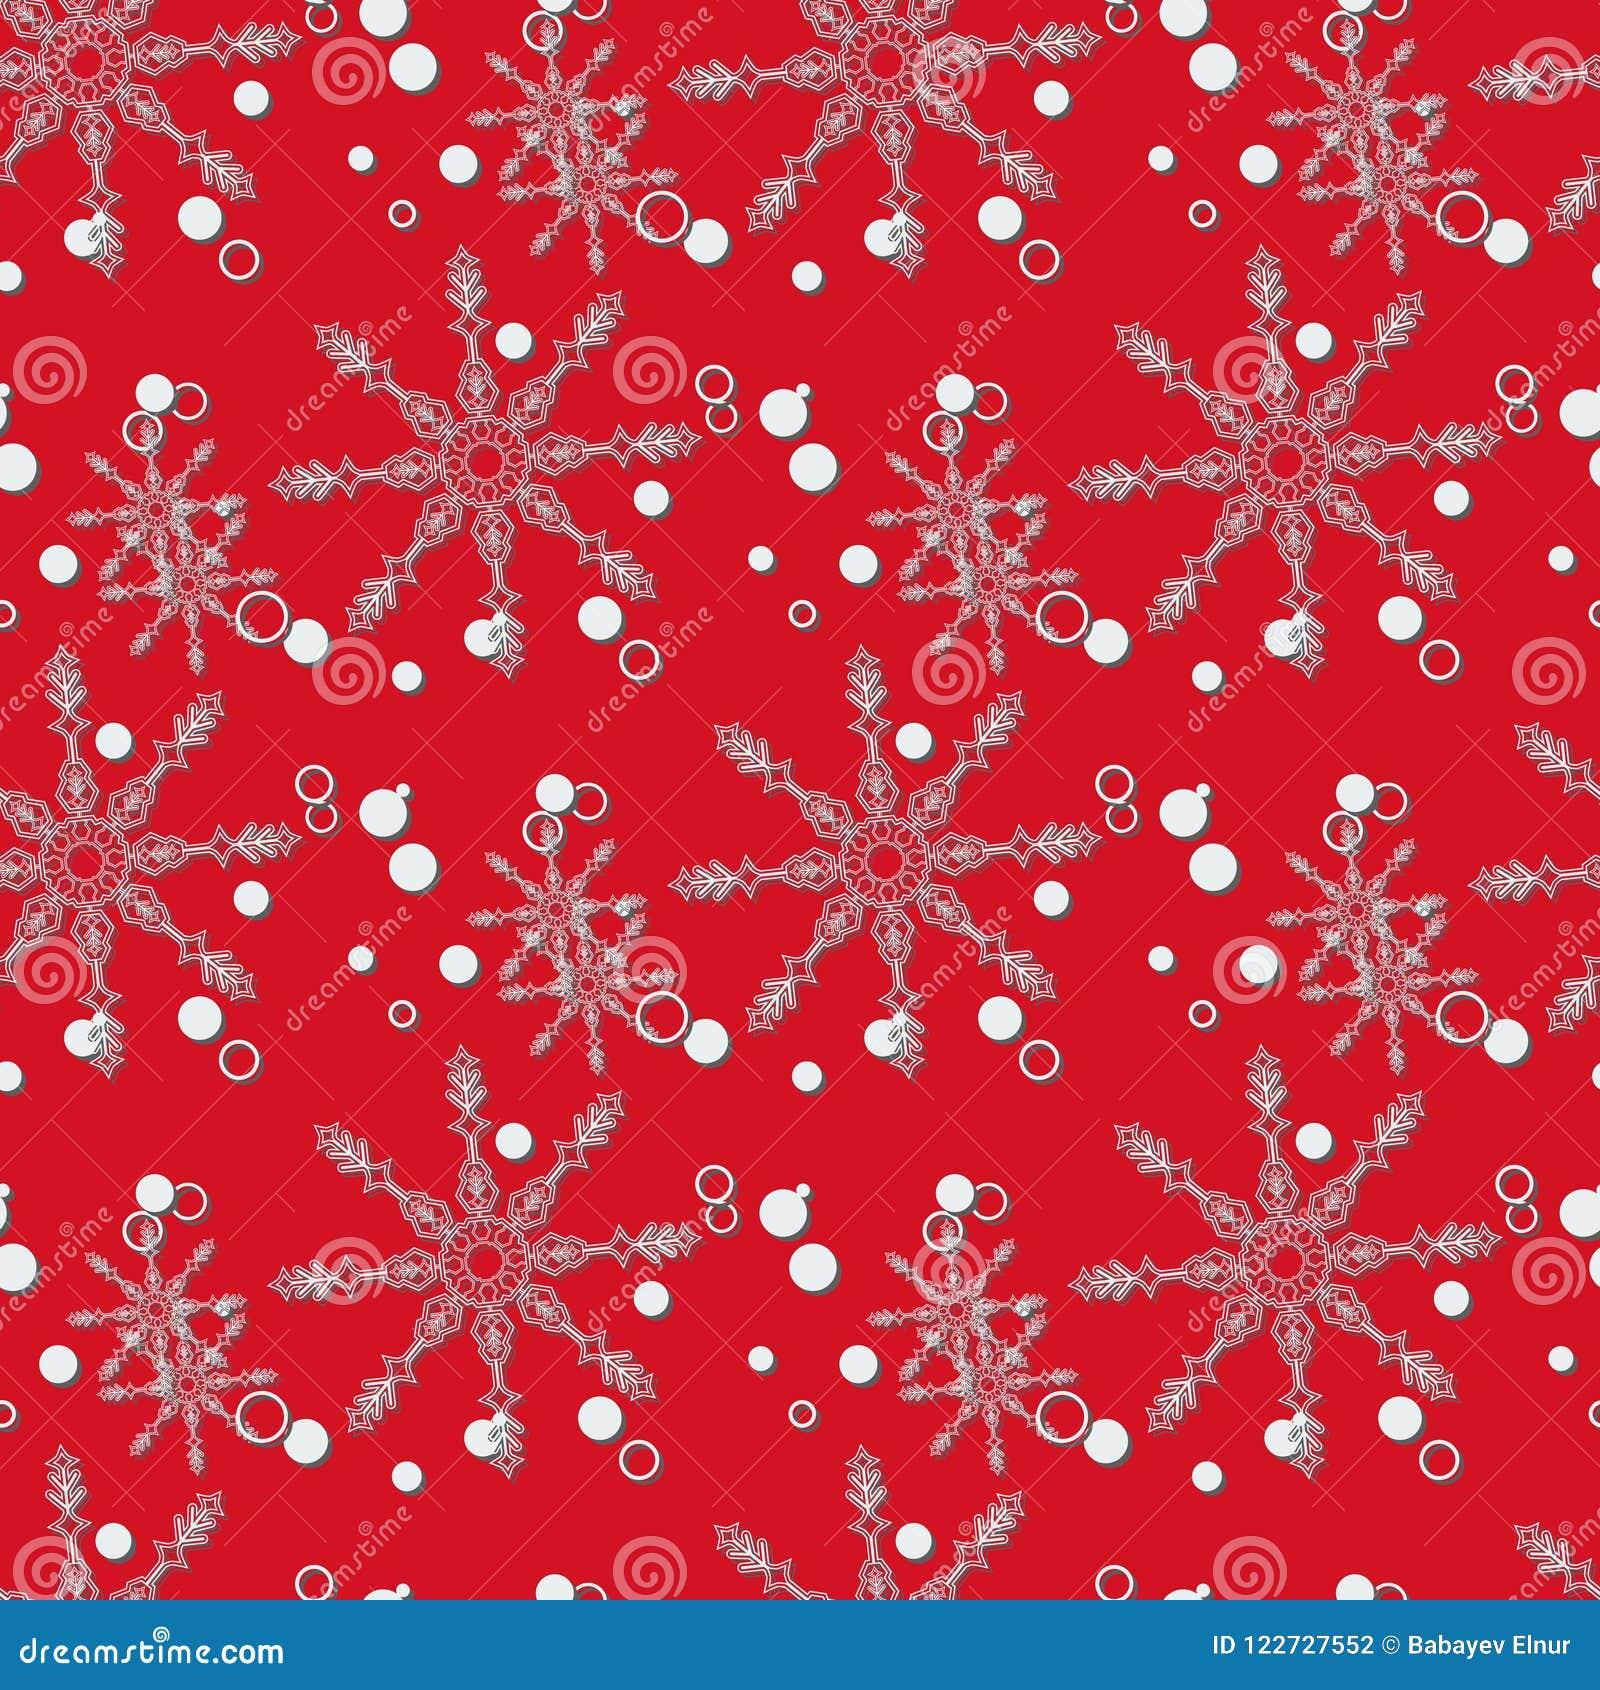 La Navidad abstracta y Año Nuevo inconsútiles en fondo rojo Modelo del copo de nieve Ilustración EPS 10 del vector